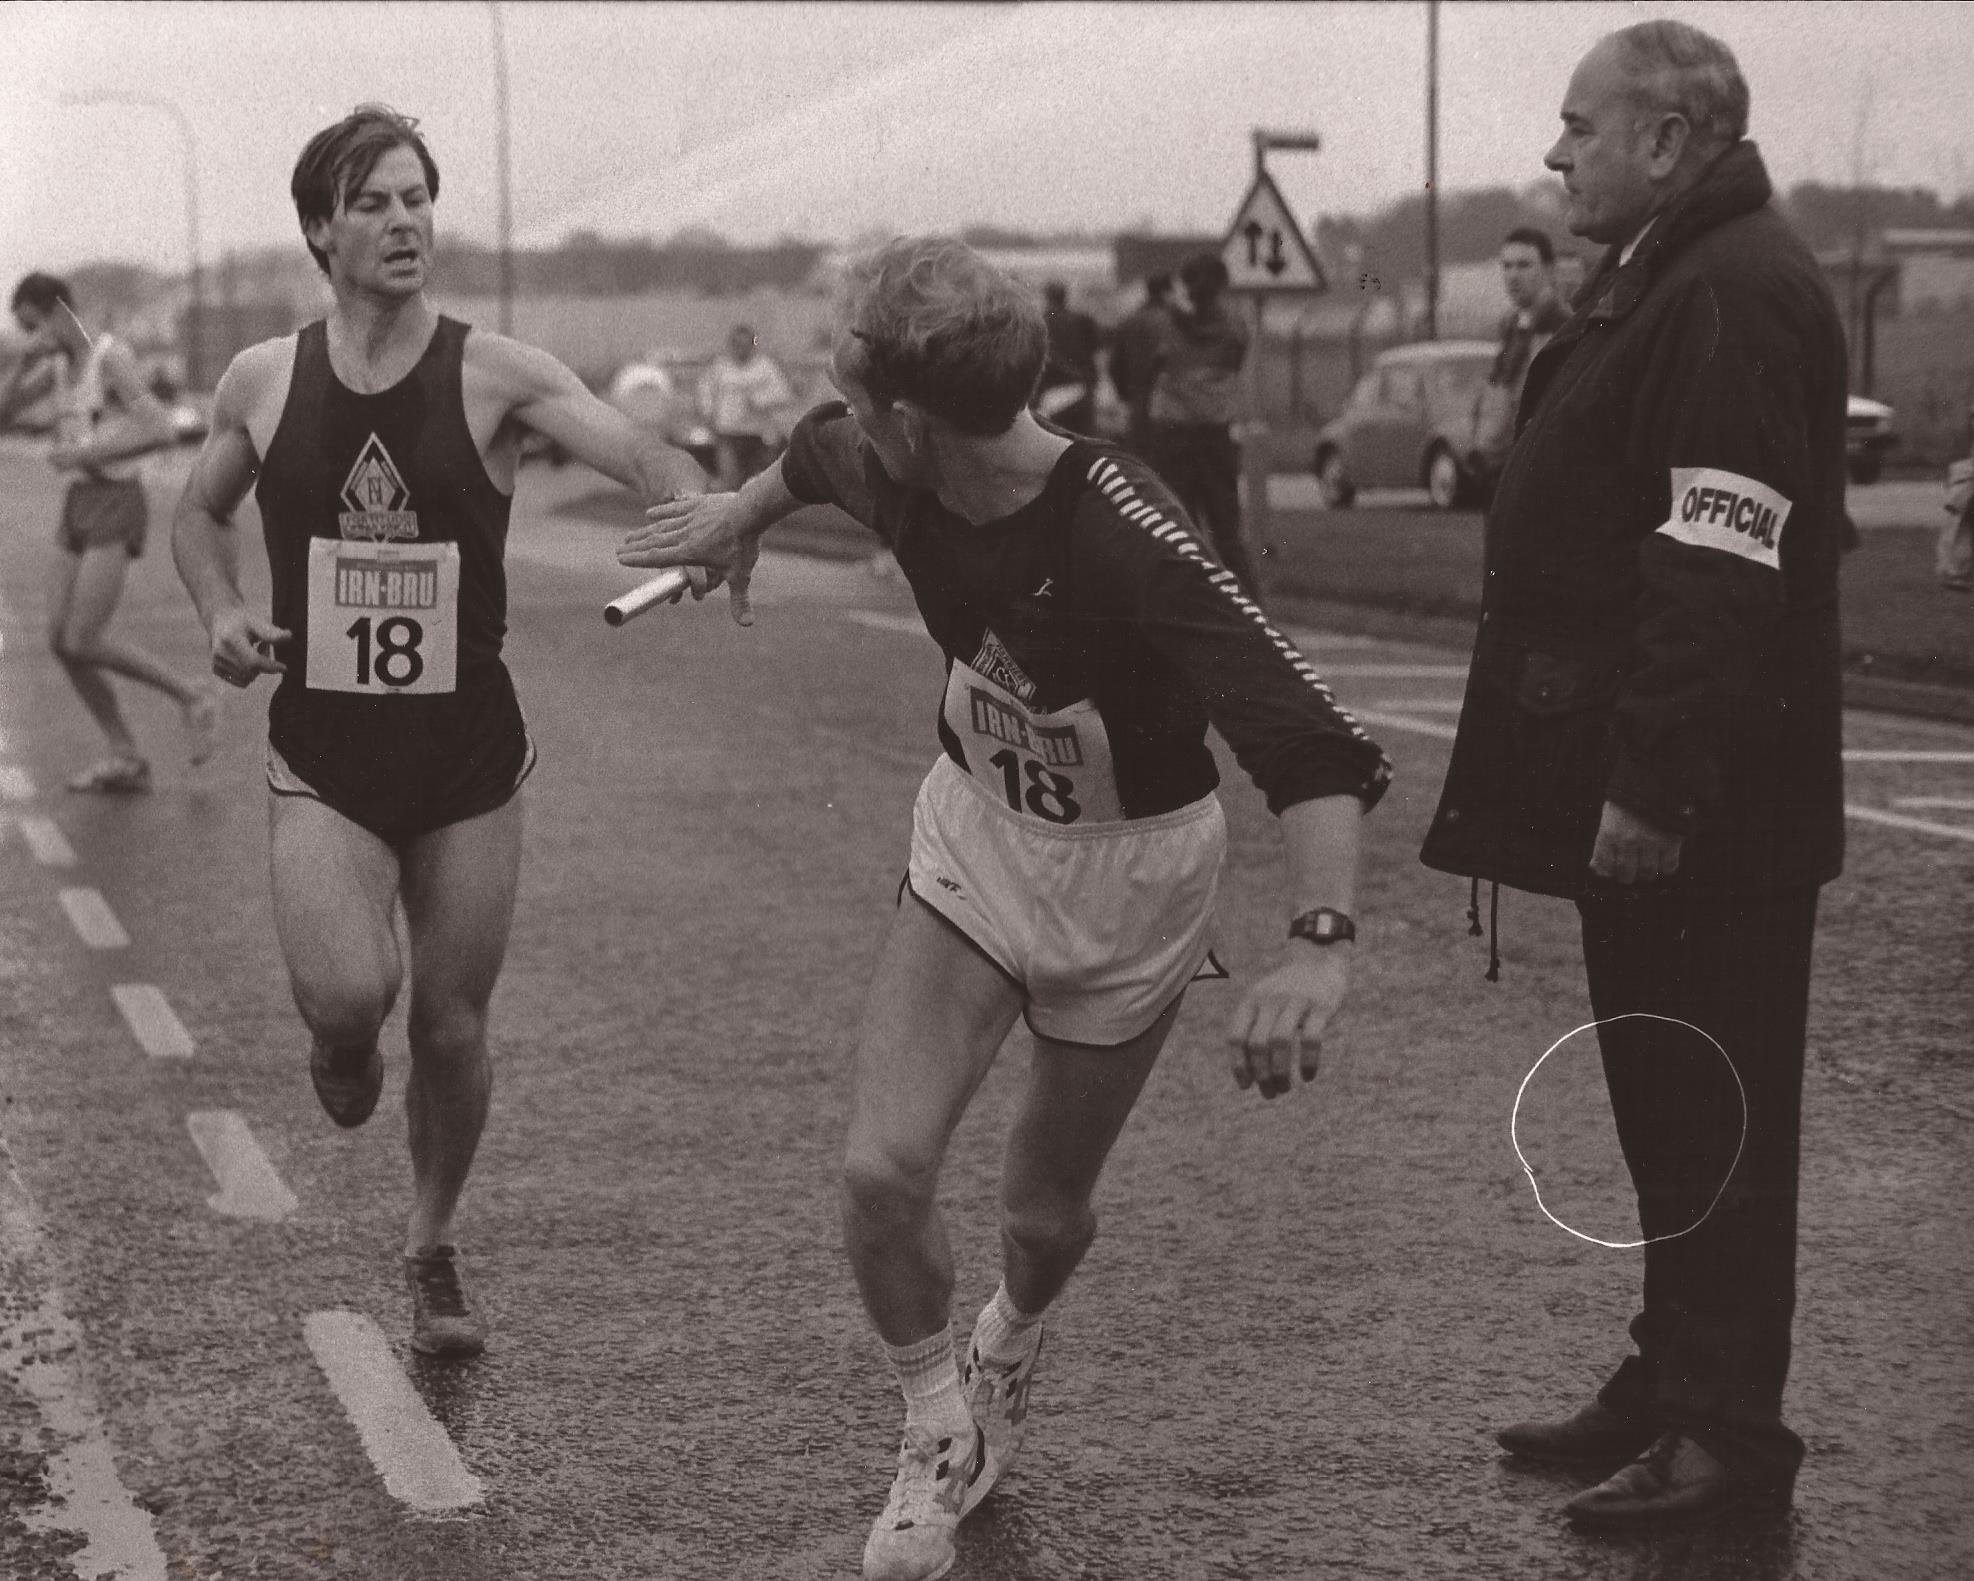 Officiating, Springburn changeover, E-G 1992